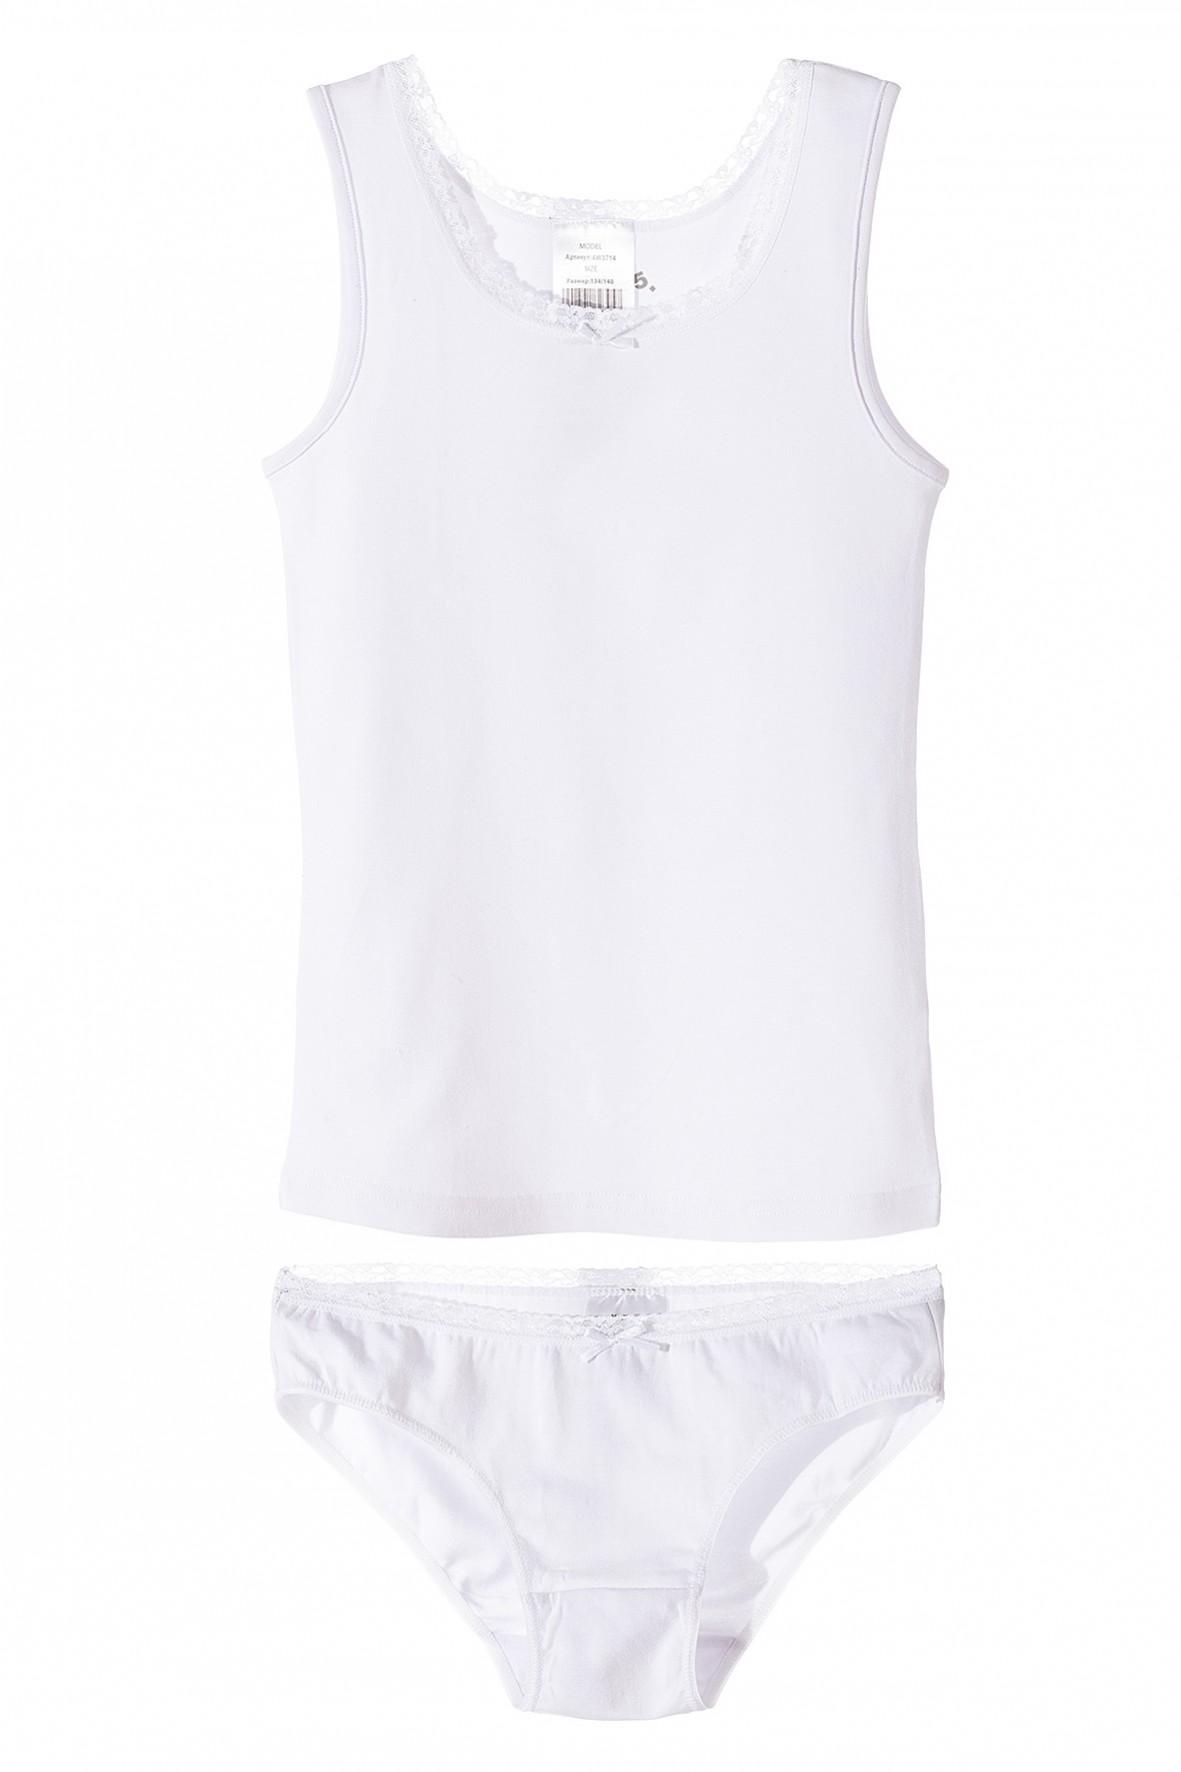 Biała bielizna dziewczęca- podkoszulek i majtki